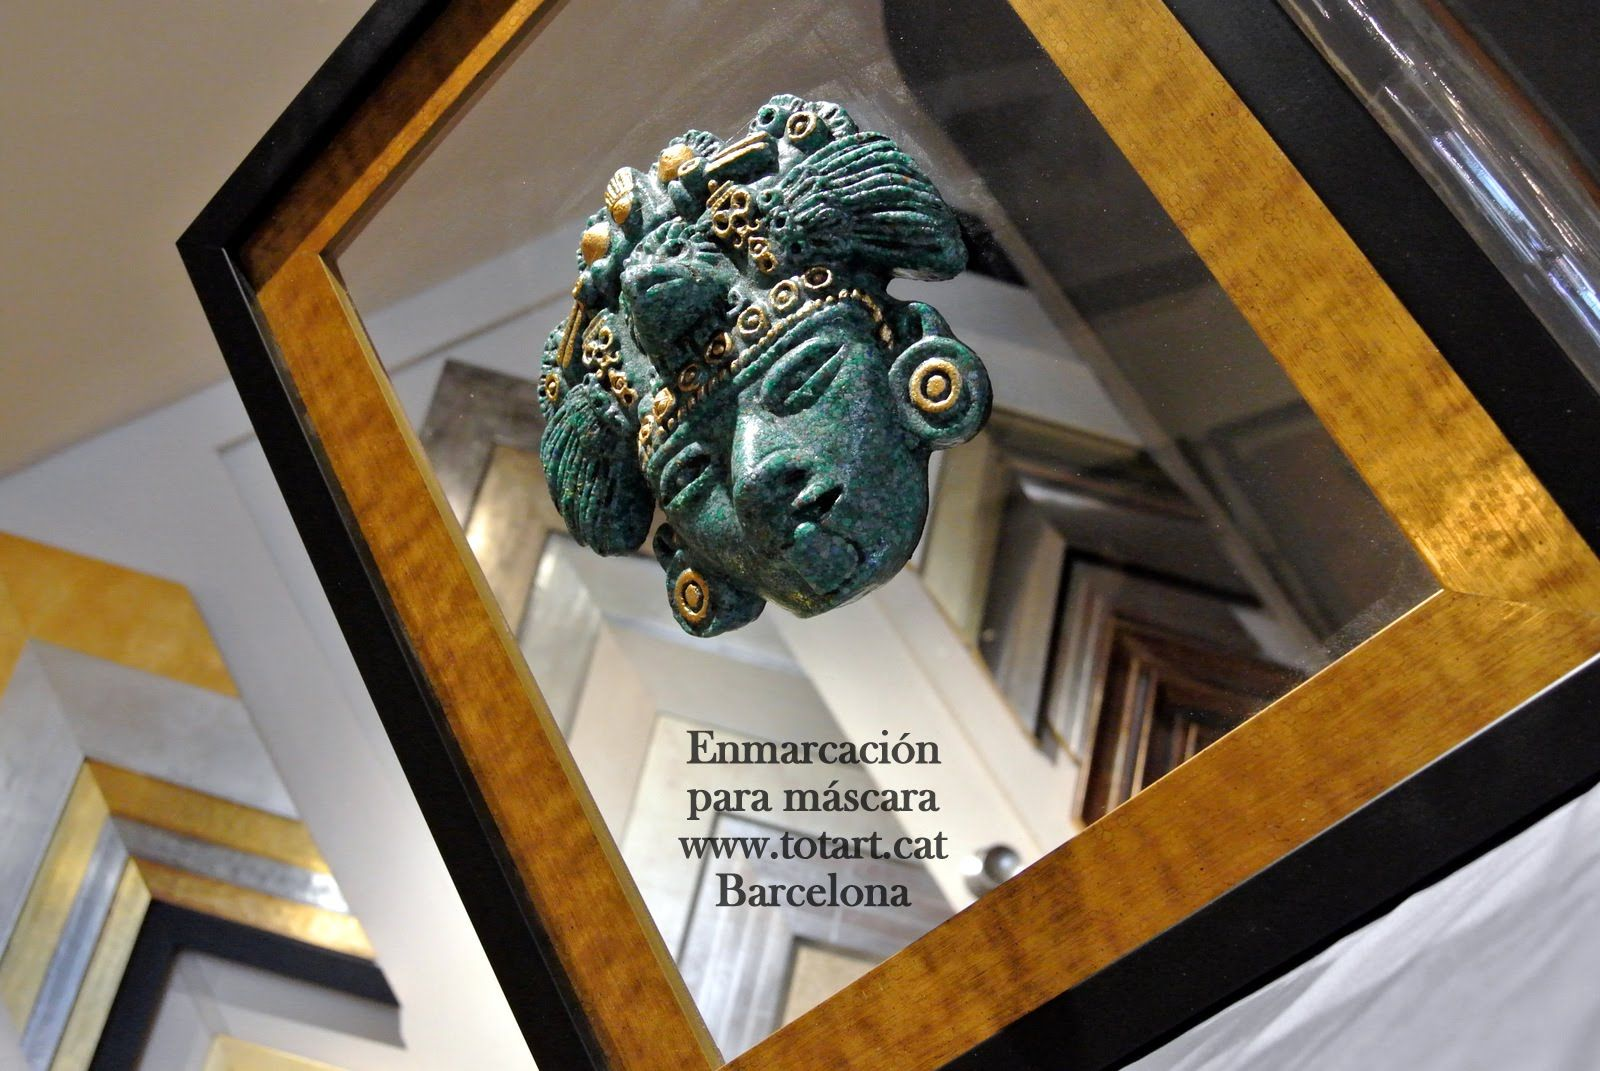 Marcos y molduras para cuadros de máscaras en Barcelona totart.cat ...